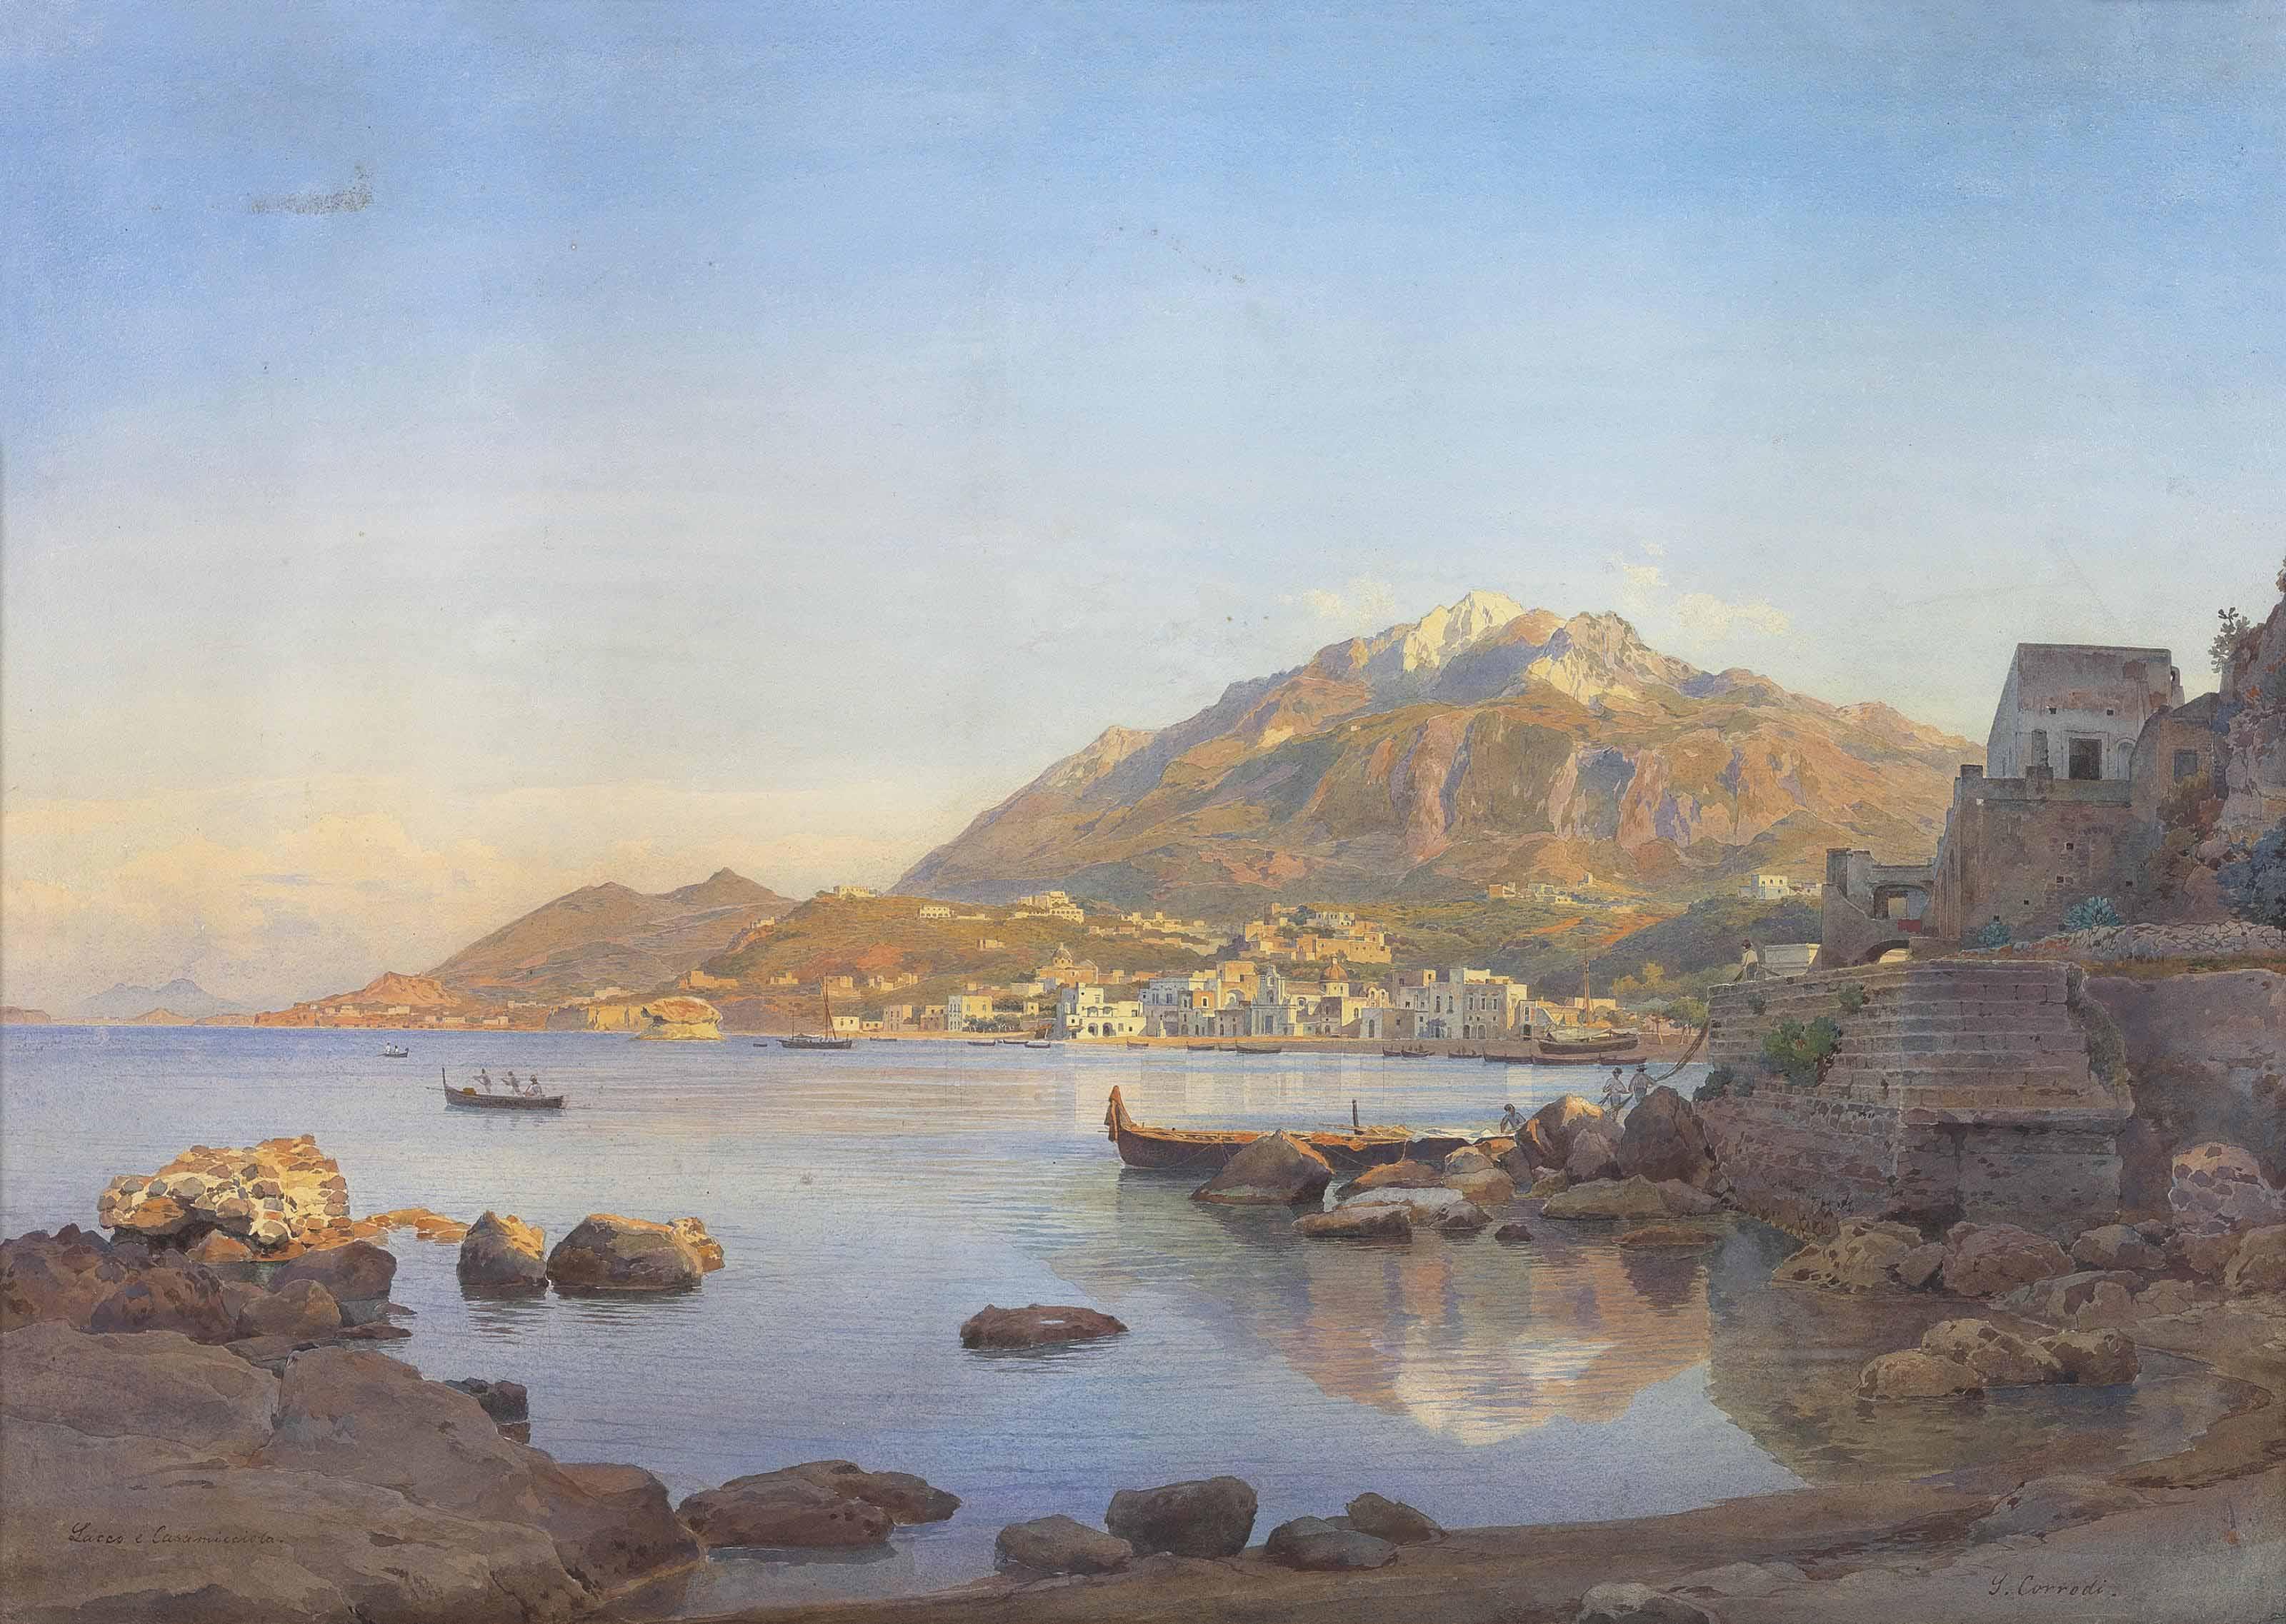 Lacco Ameno and Casamicciola, Ischia